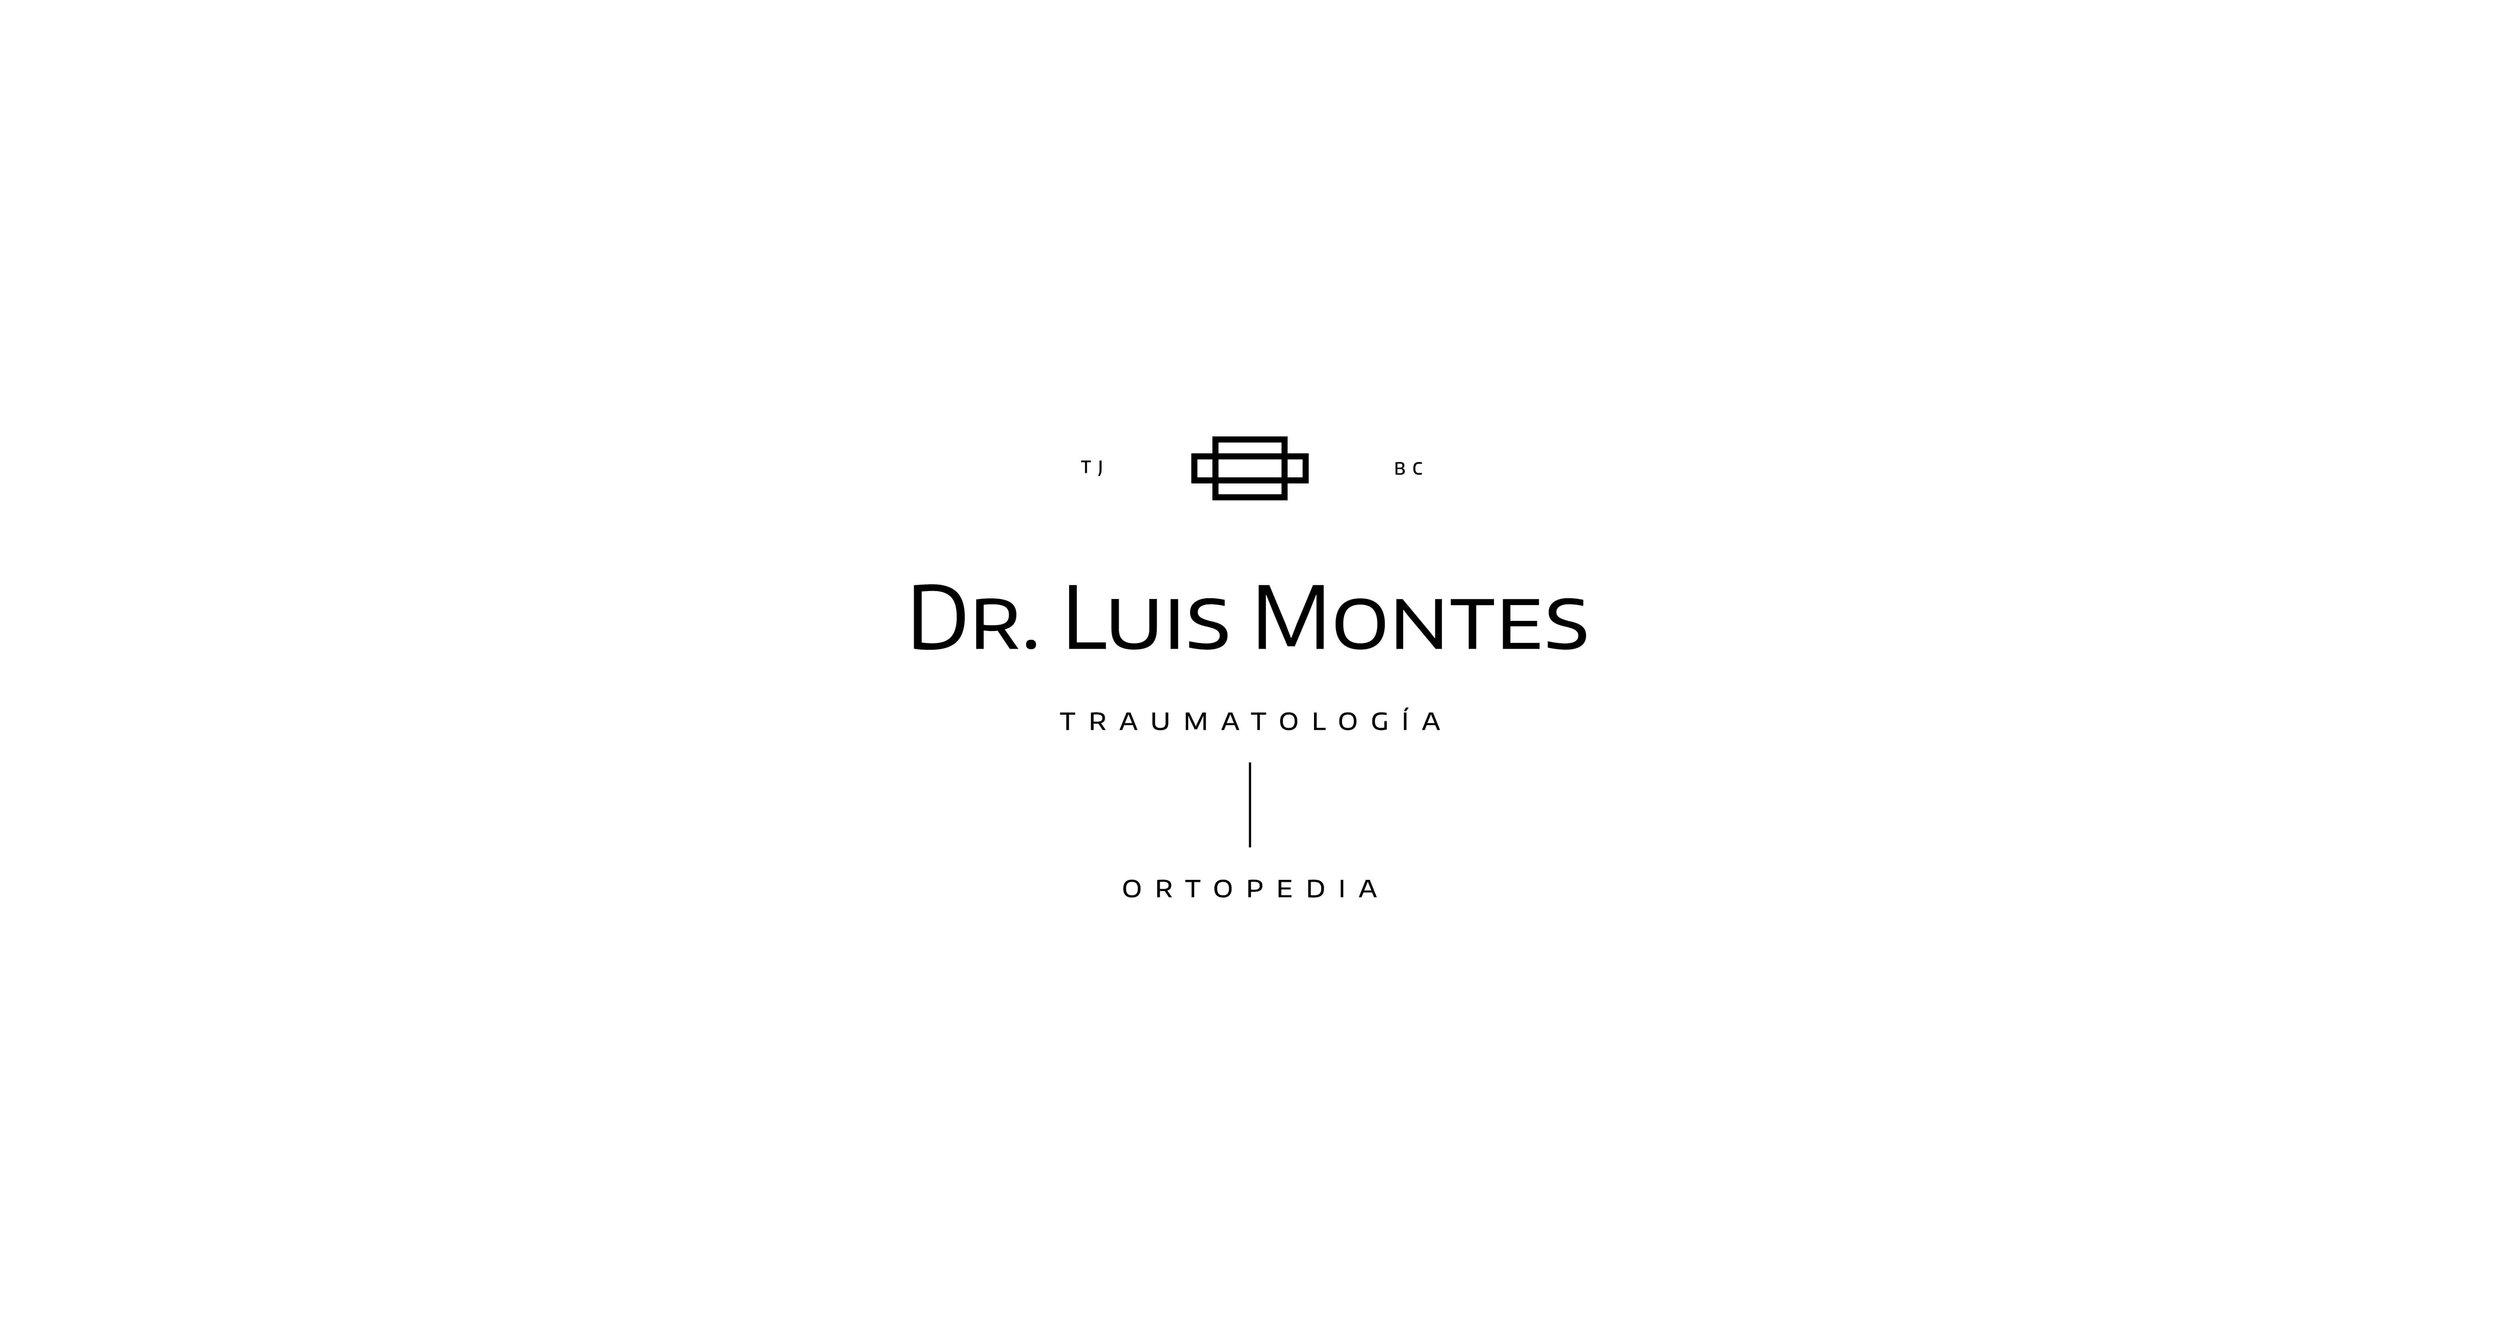 logo-design-branding-san-diego-vortic-10-dr-luis-montes